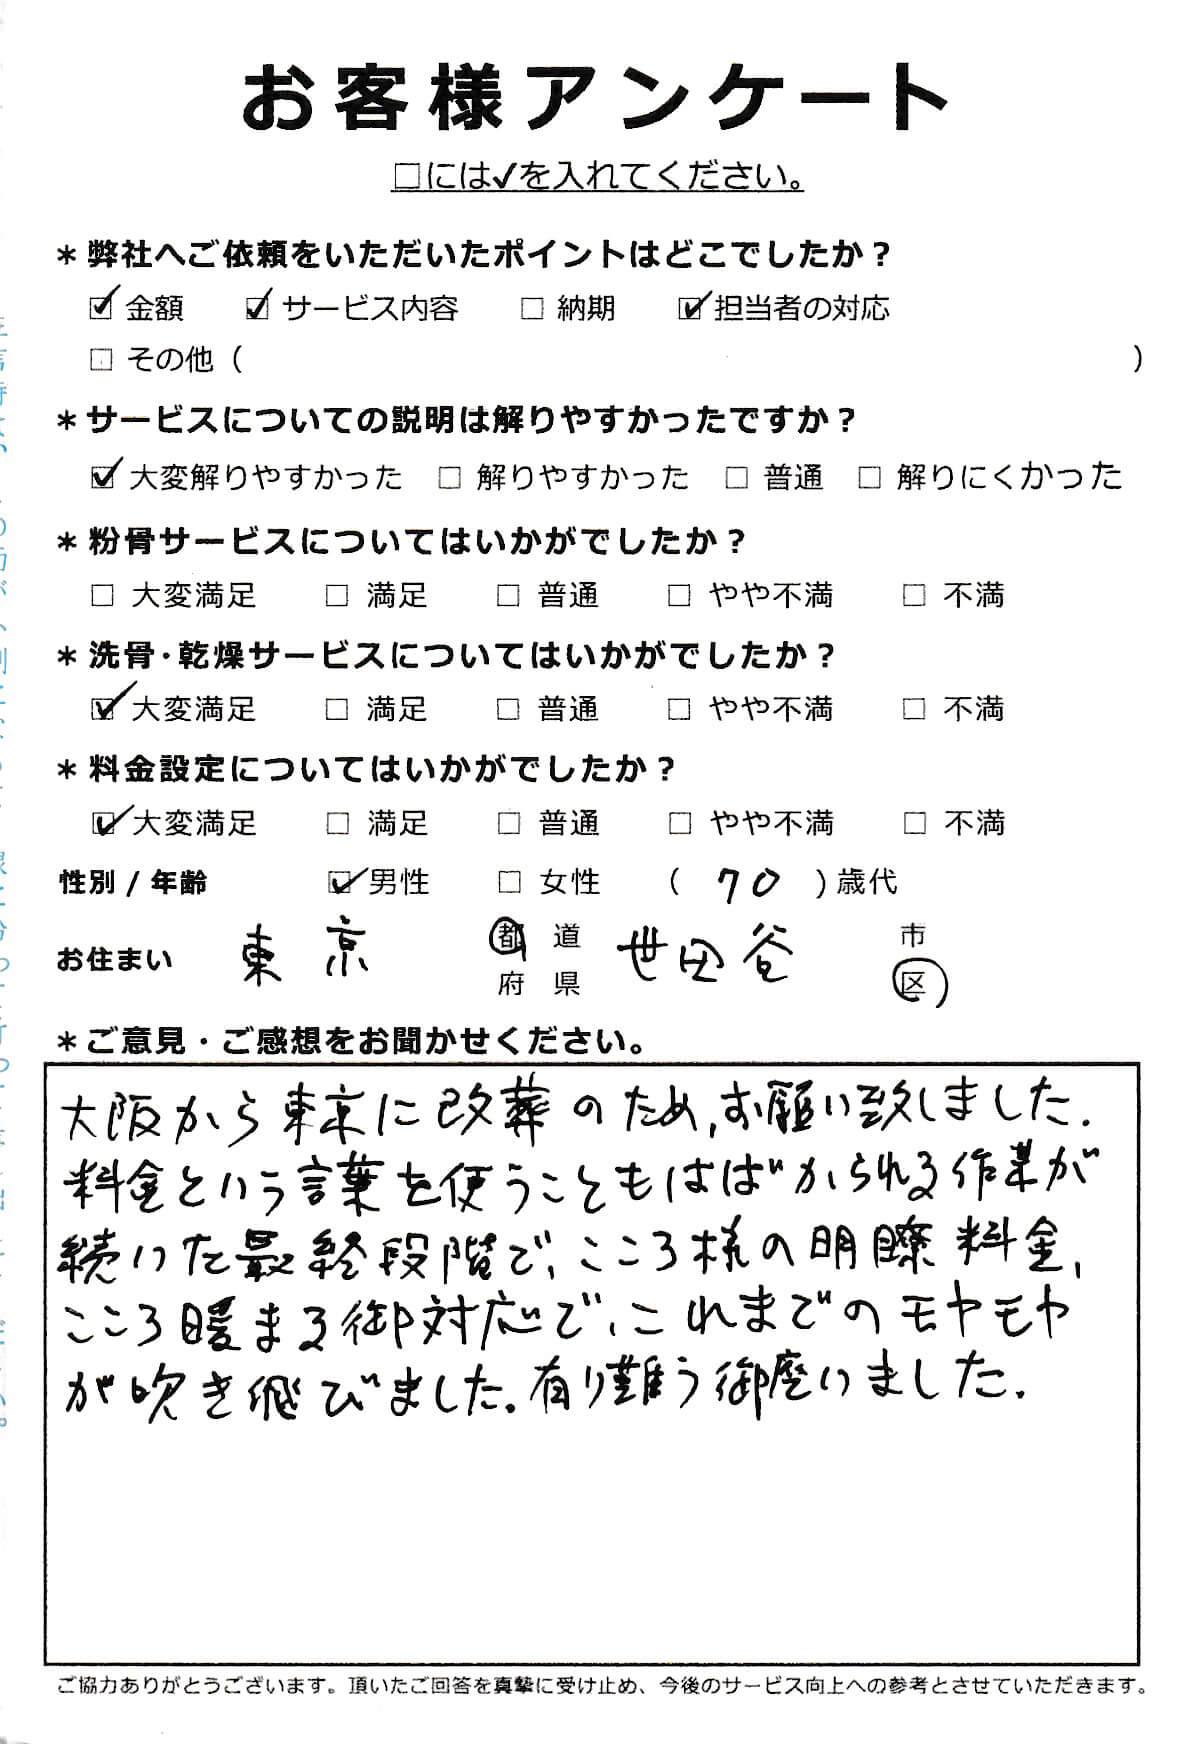 東京都世田谷区での粉骨・洗骨サービス